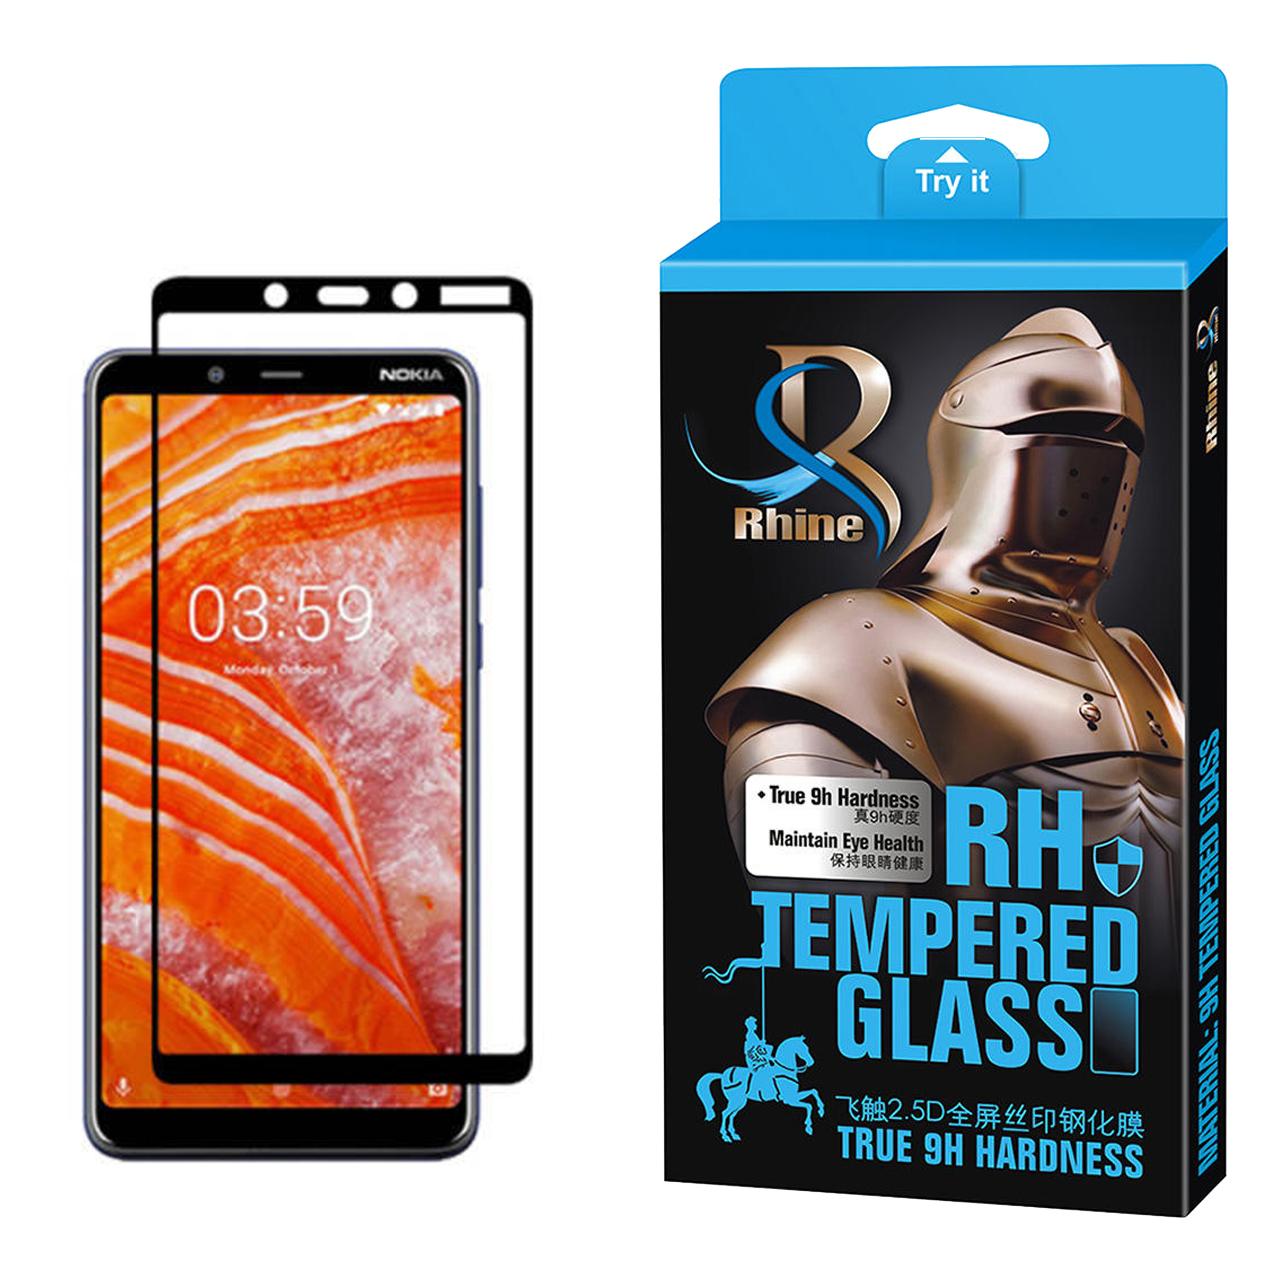 خرید                     محافظ صفحه نمایش راین مدل R_9 مناسب برای گوشی موبایل نوکیا 3.1 Plus